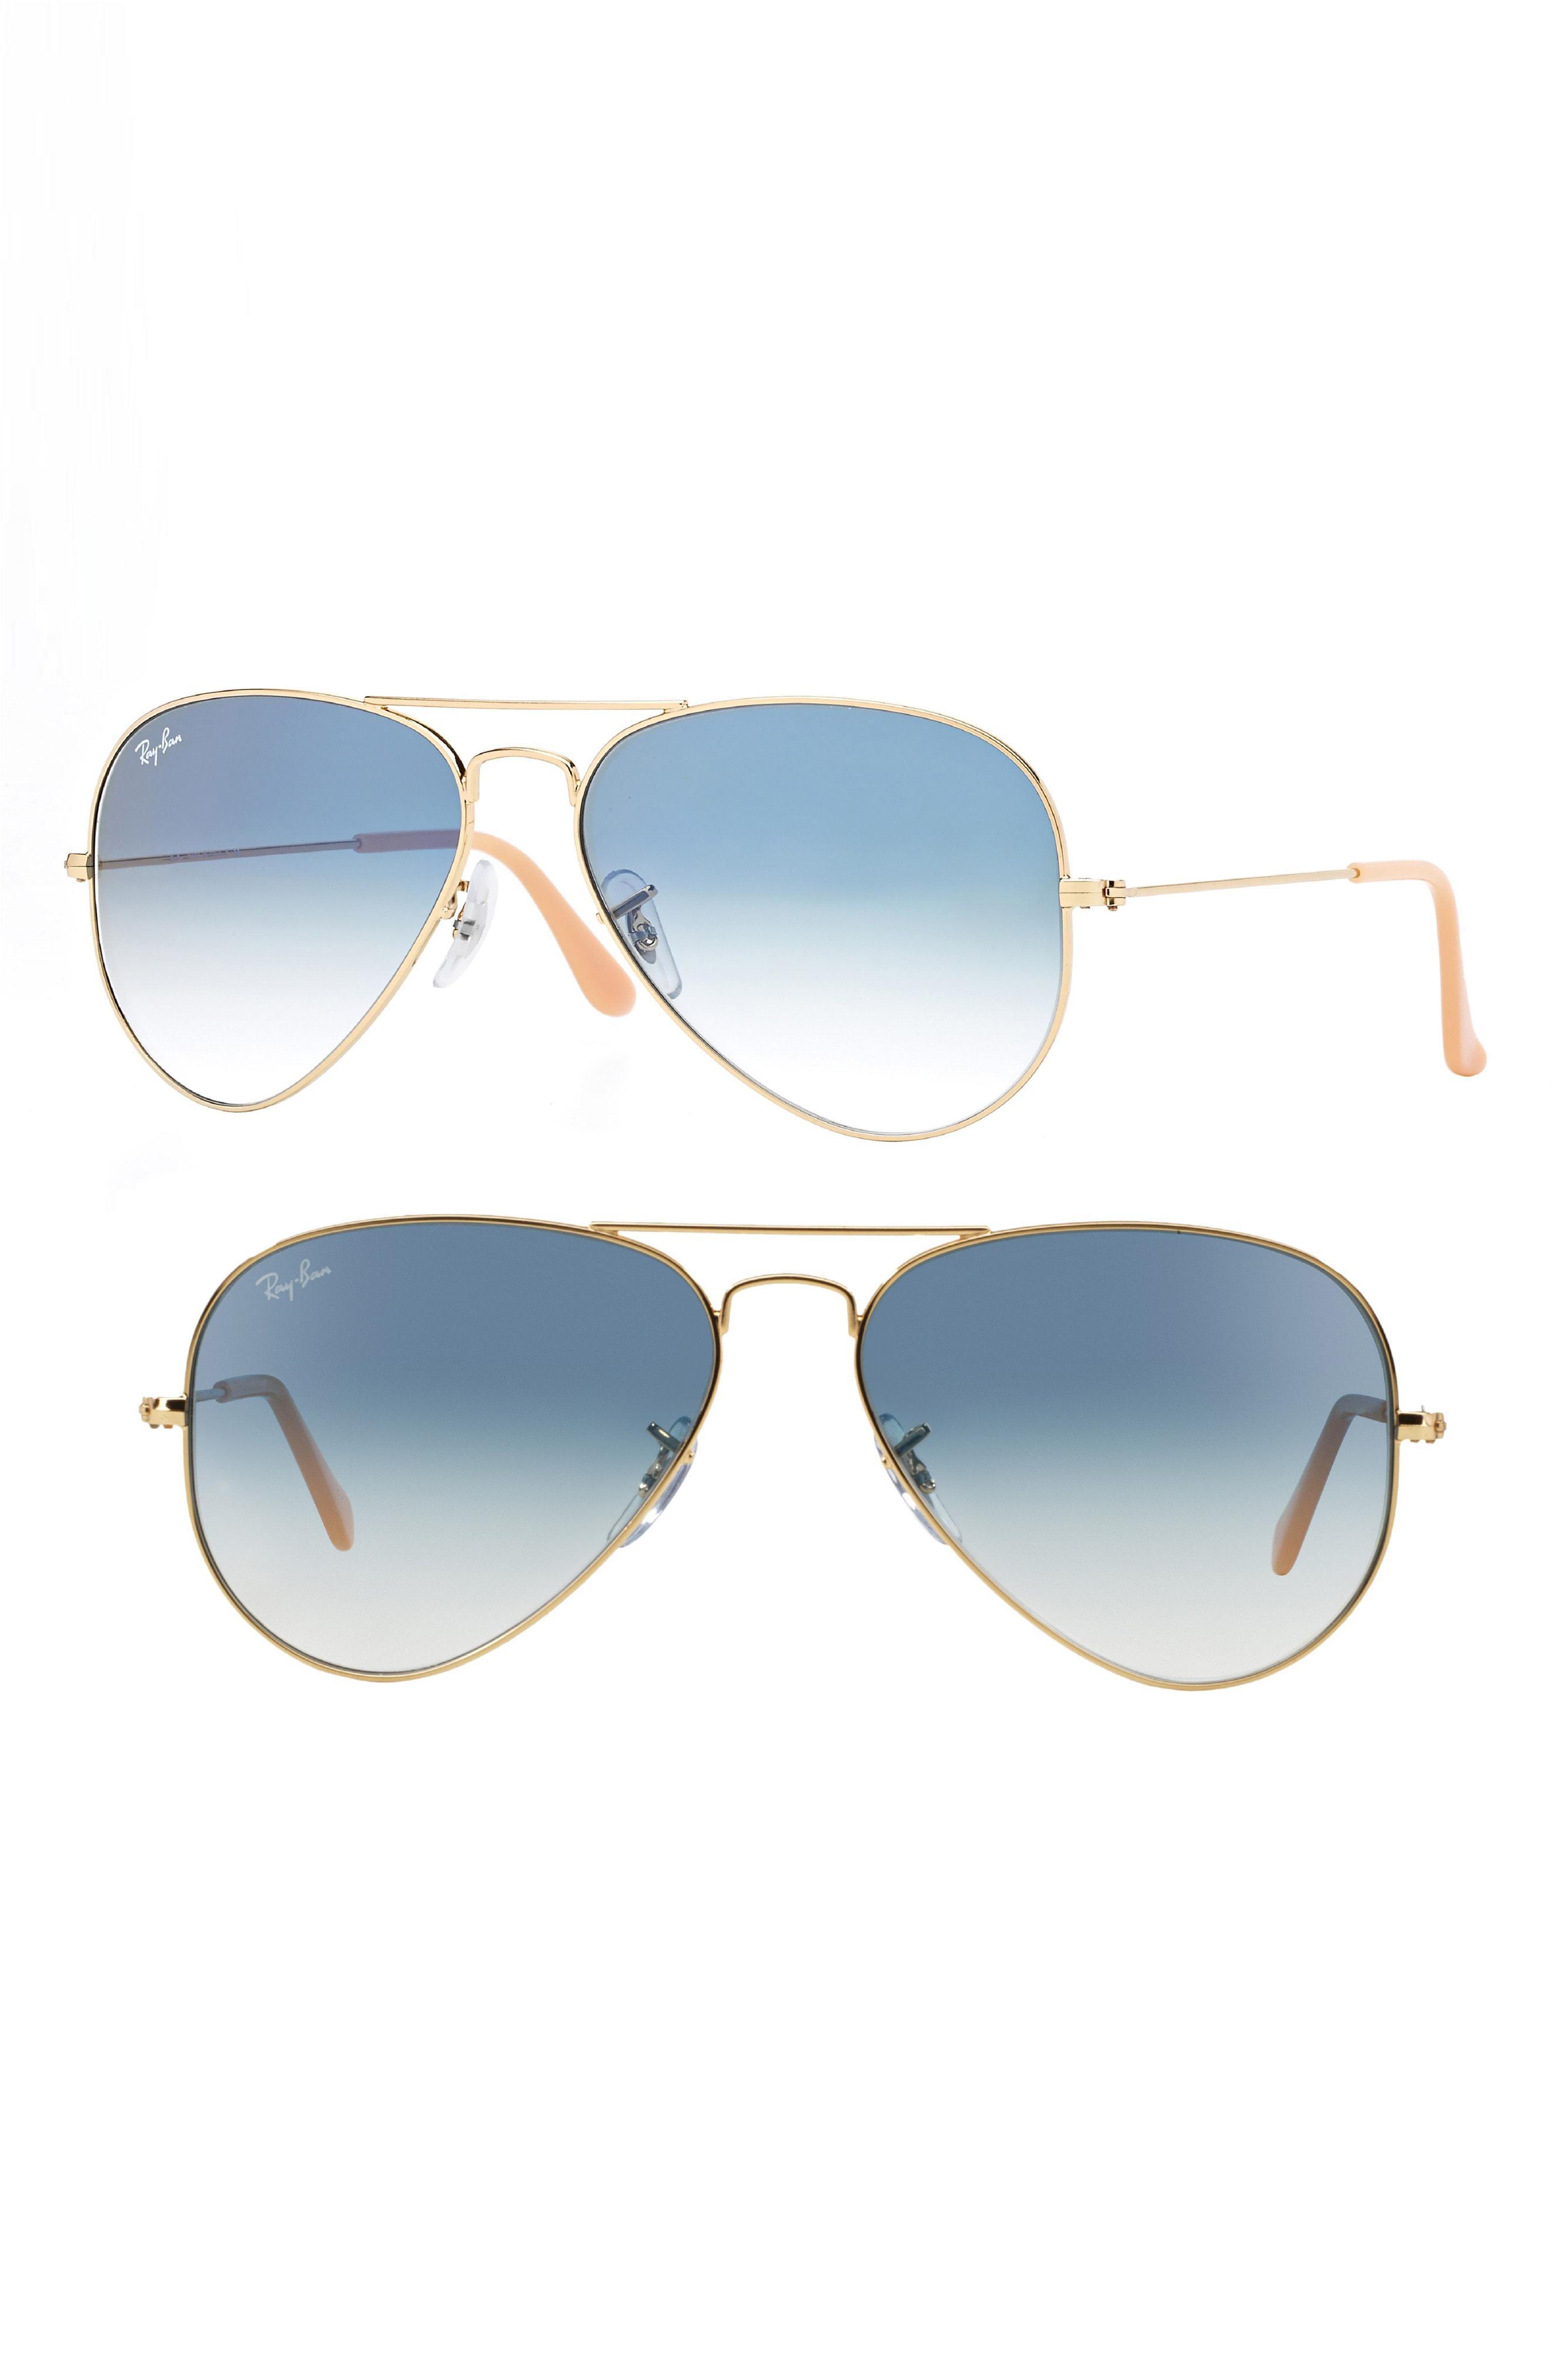 4f01c5e89e Lyst - Ray-Ban Small Original 55mm Aviator Sunglasses - Bronze in ...